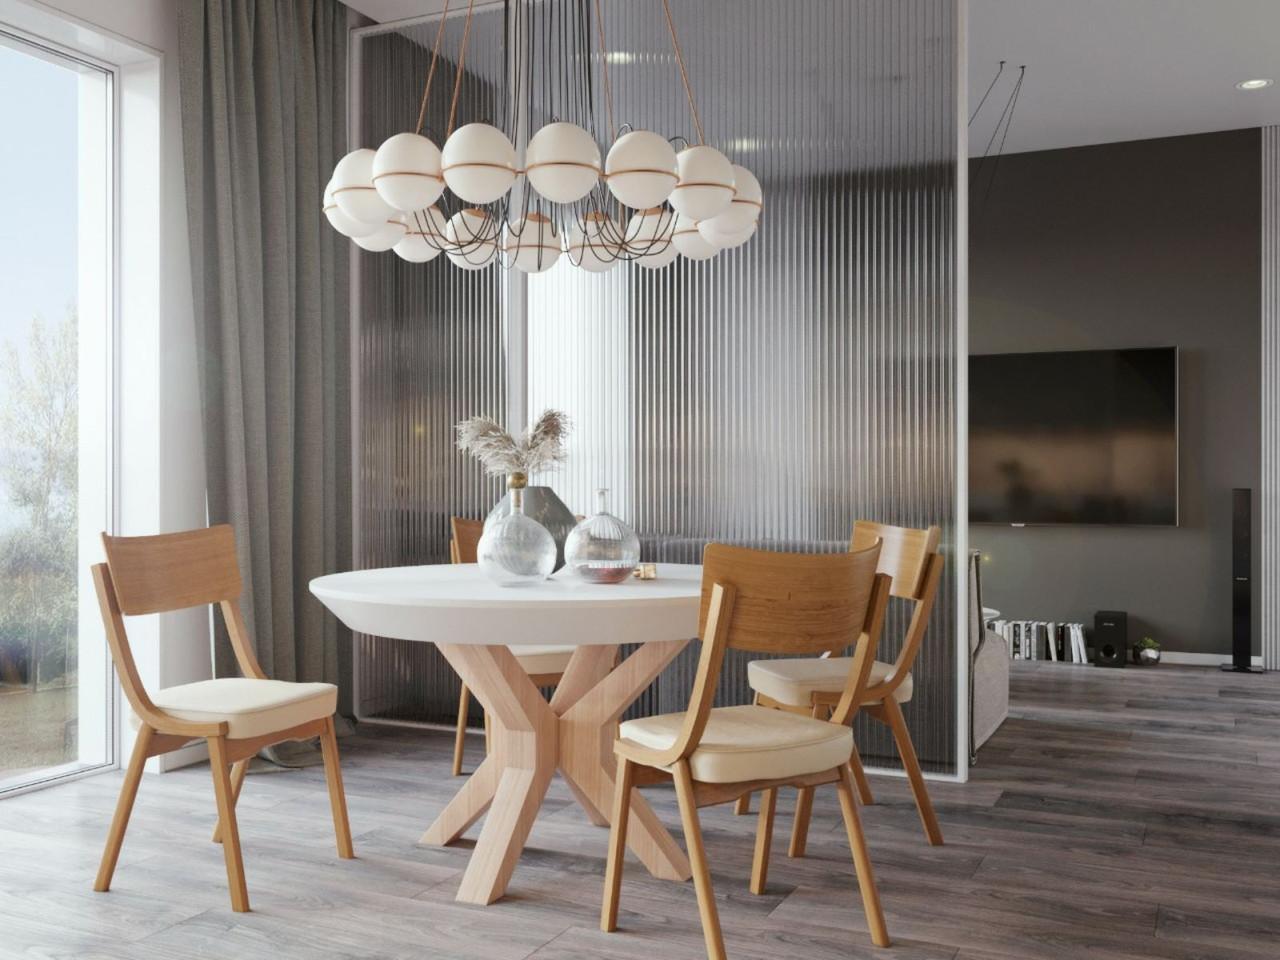 Обідній комплект: стіл Нова Бетон і стільці Диран Pavlyk ™